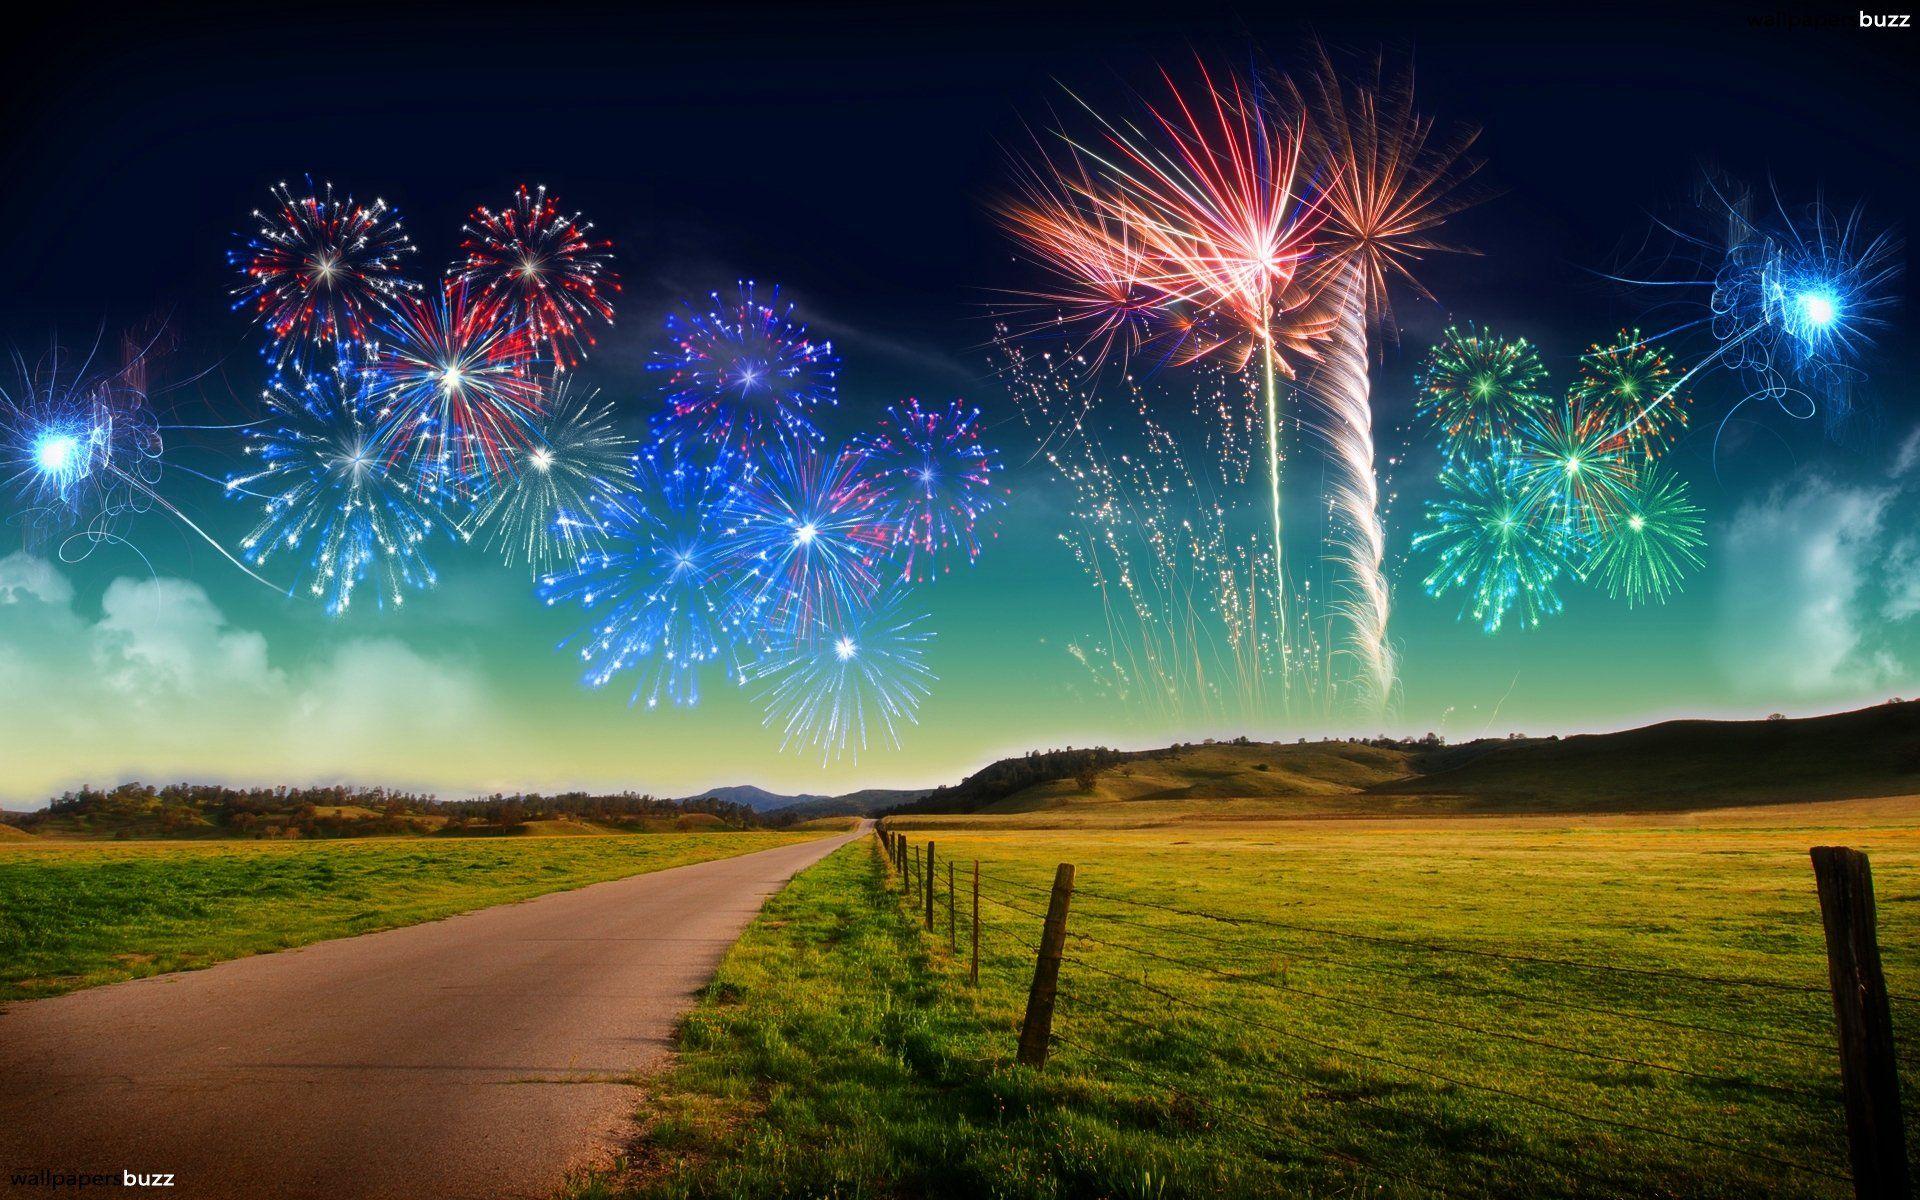 Celebration Background Hd: New Year Celebration Background